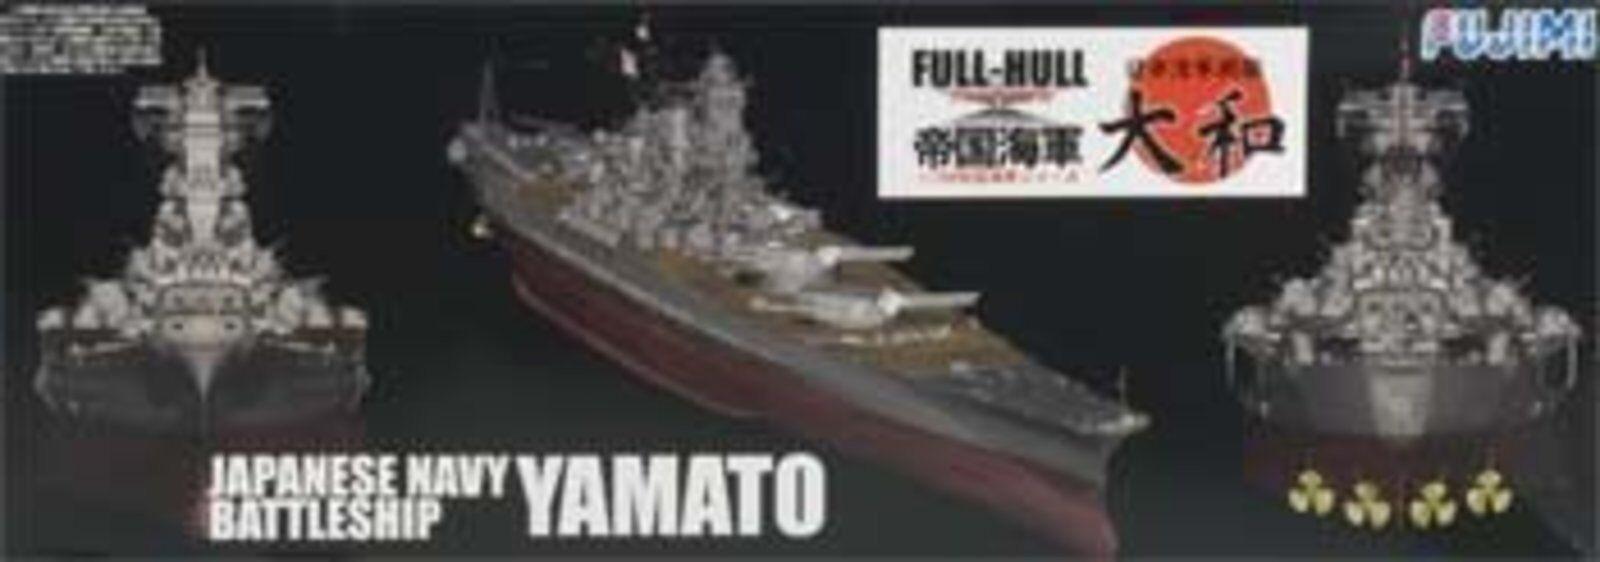 Fujimi 1 700 Scale IJN Battleship Yamato (full hull) full hull model No.1 F S